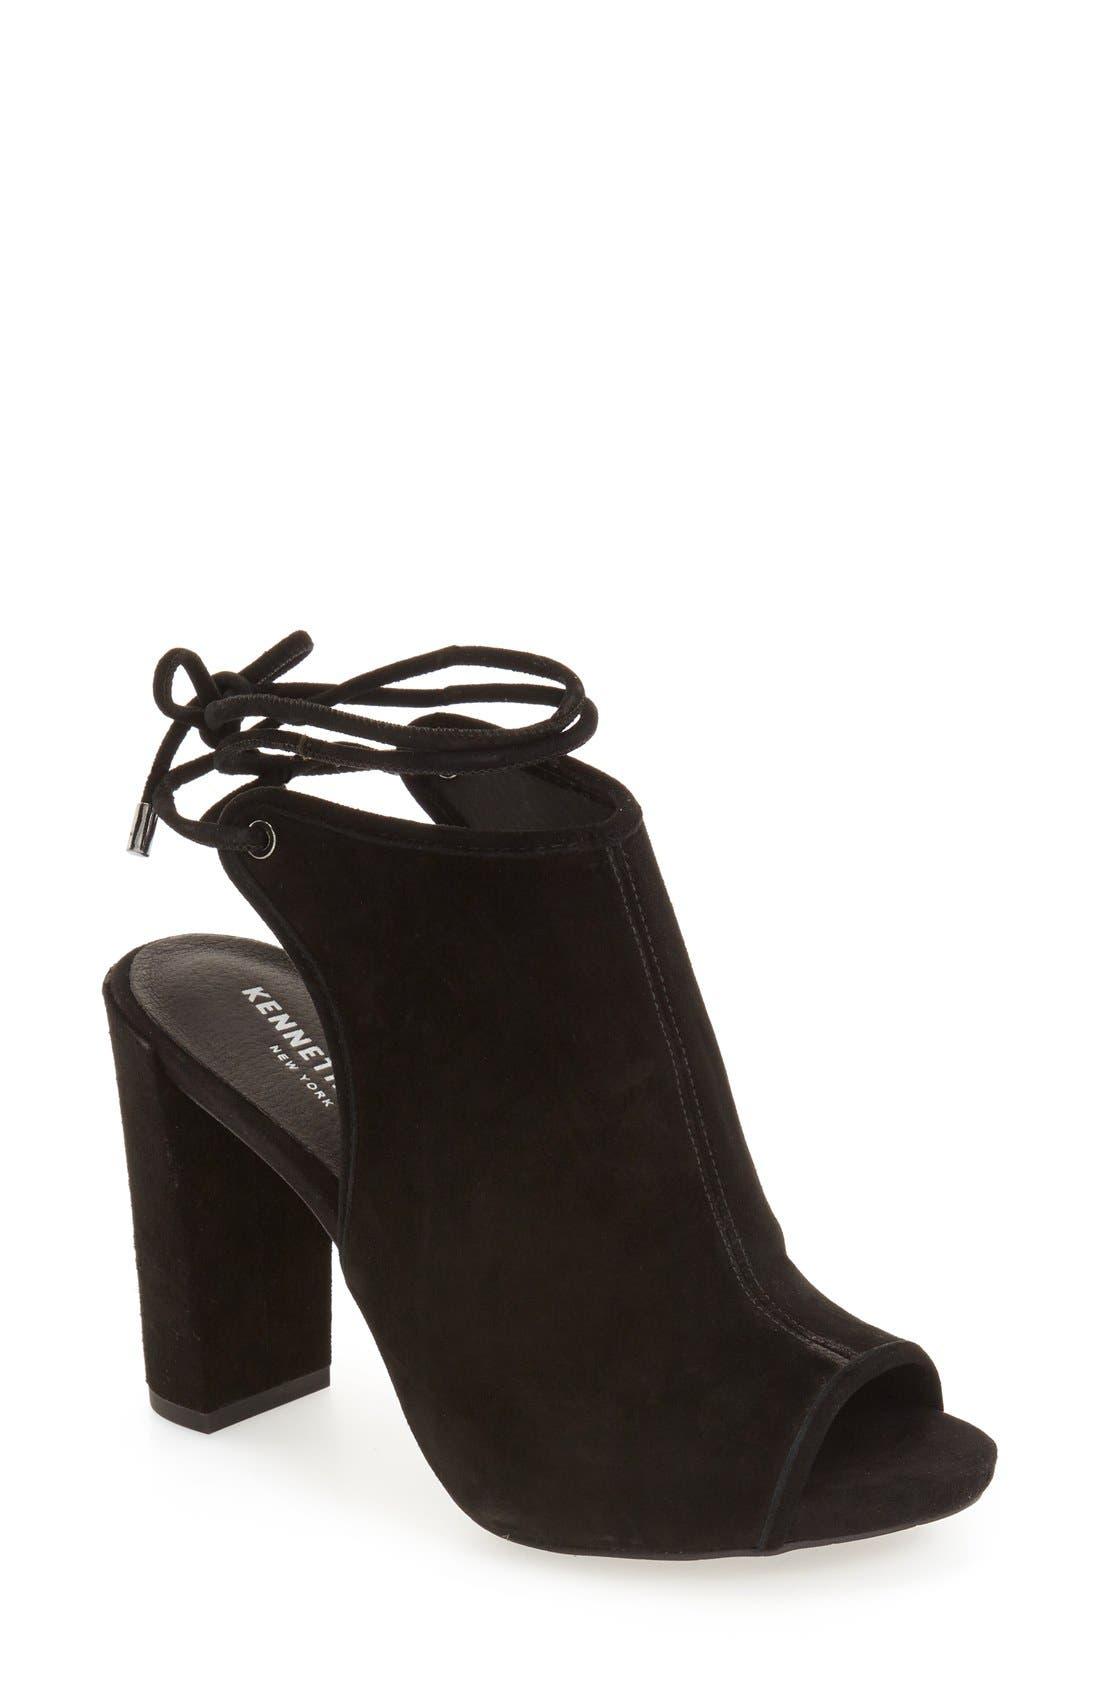 Darla Block Heel Sandal,                         Main,                         color, 001